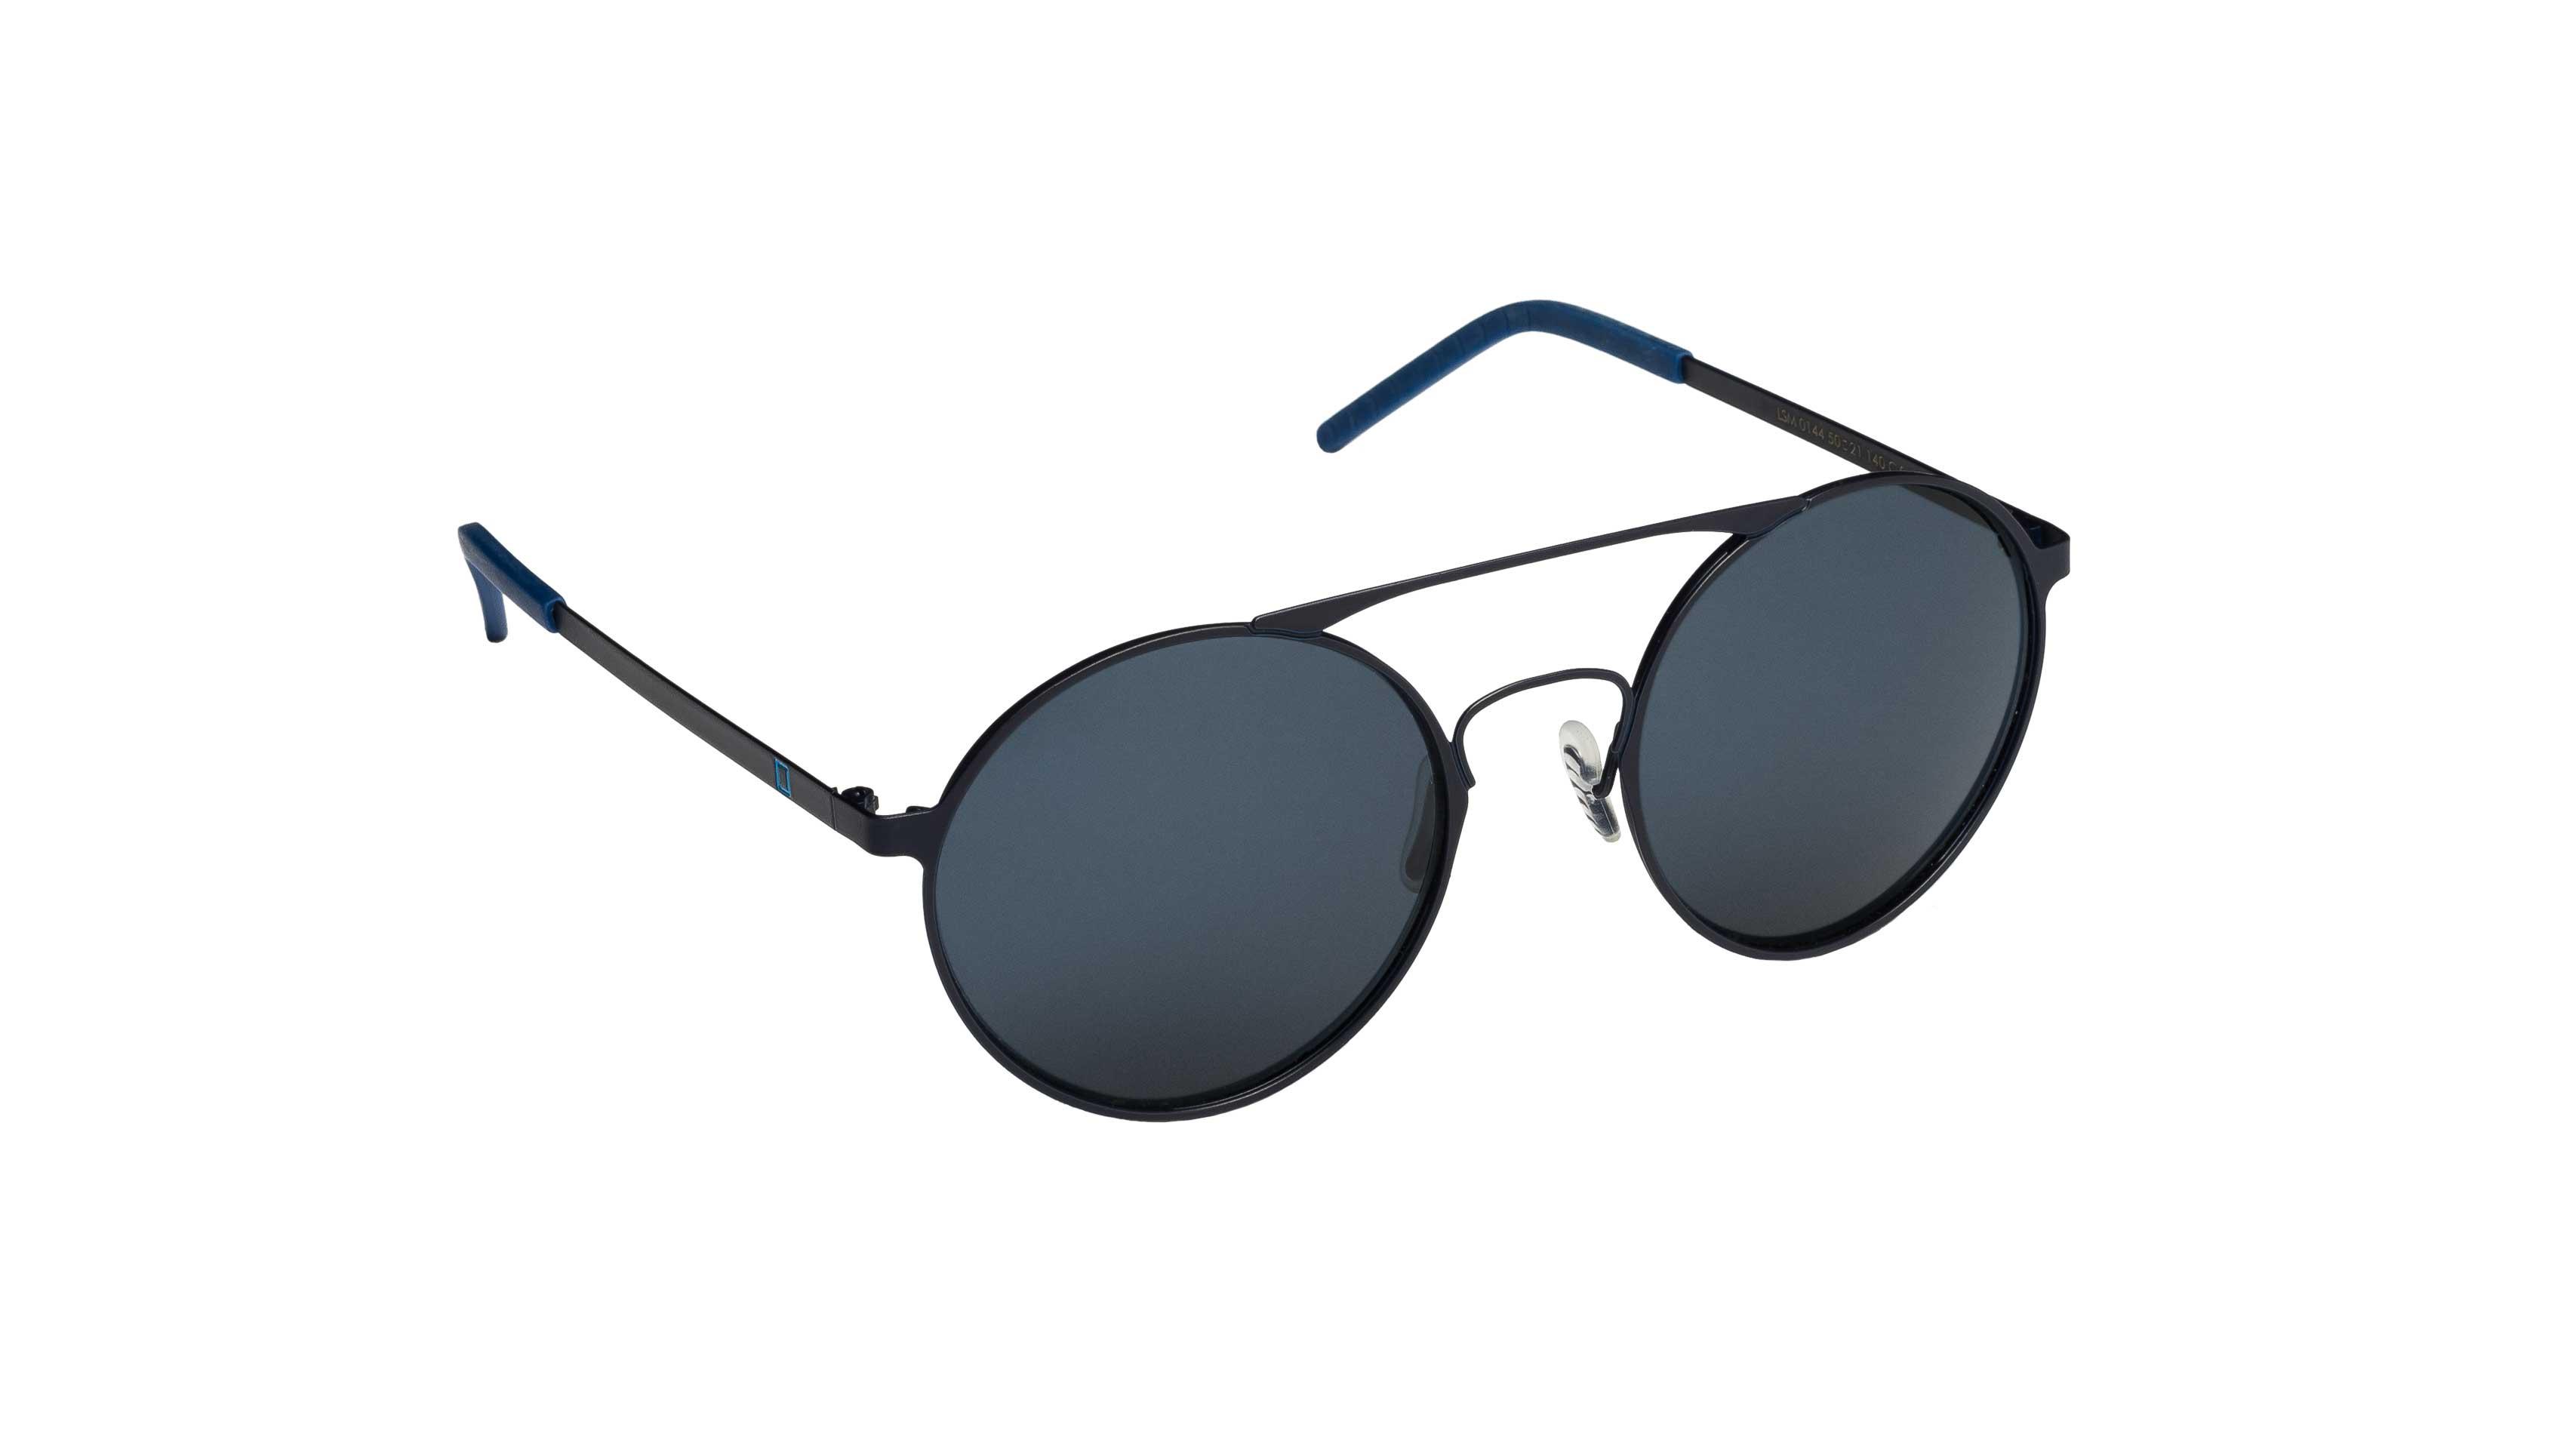 Occhiali da sole Mediterraneo asta nera lente blu